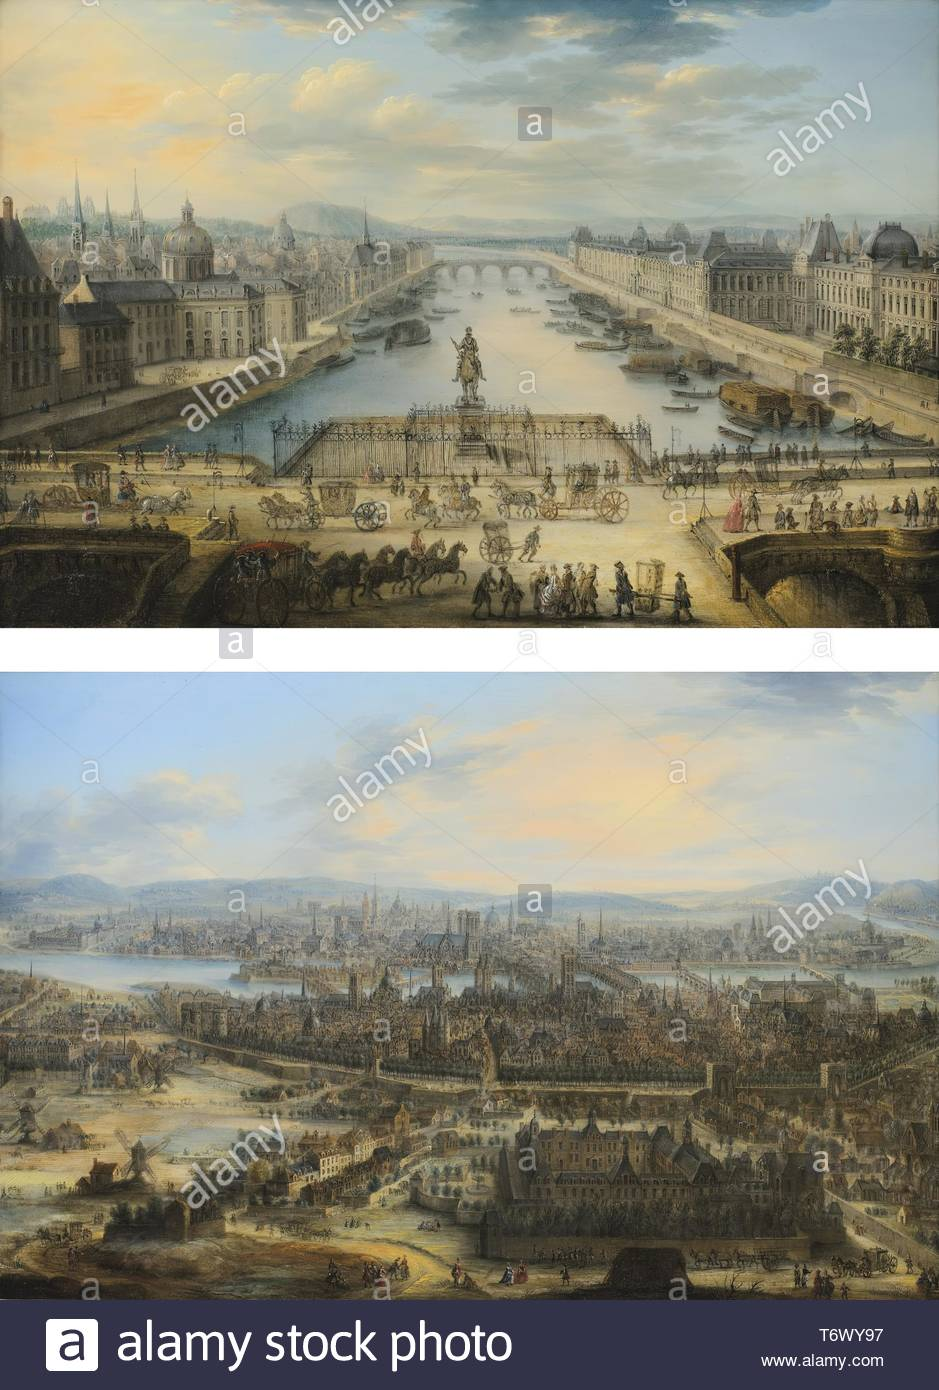 Charles-Lopold Grevenbroek-La Seine Vue Du Pont Neufvue De Paris Avec L'hpital De Saint-Louis - Stock Image